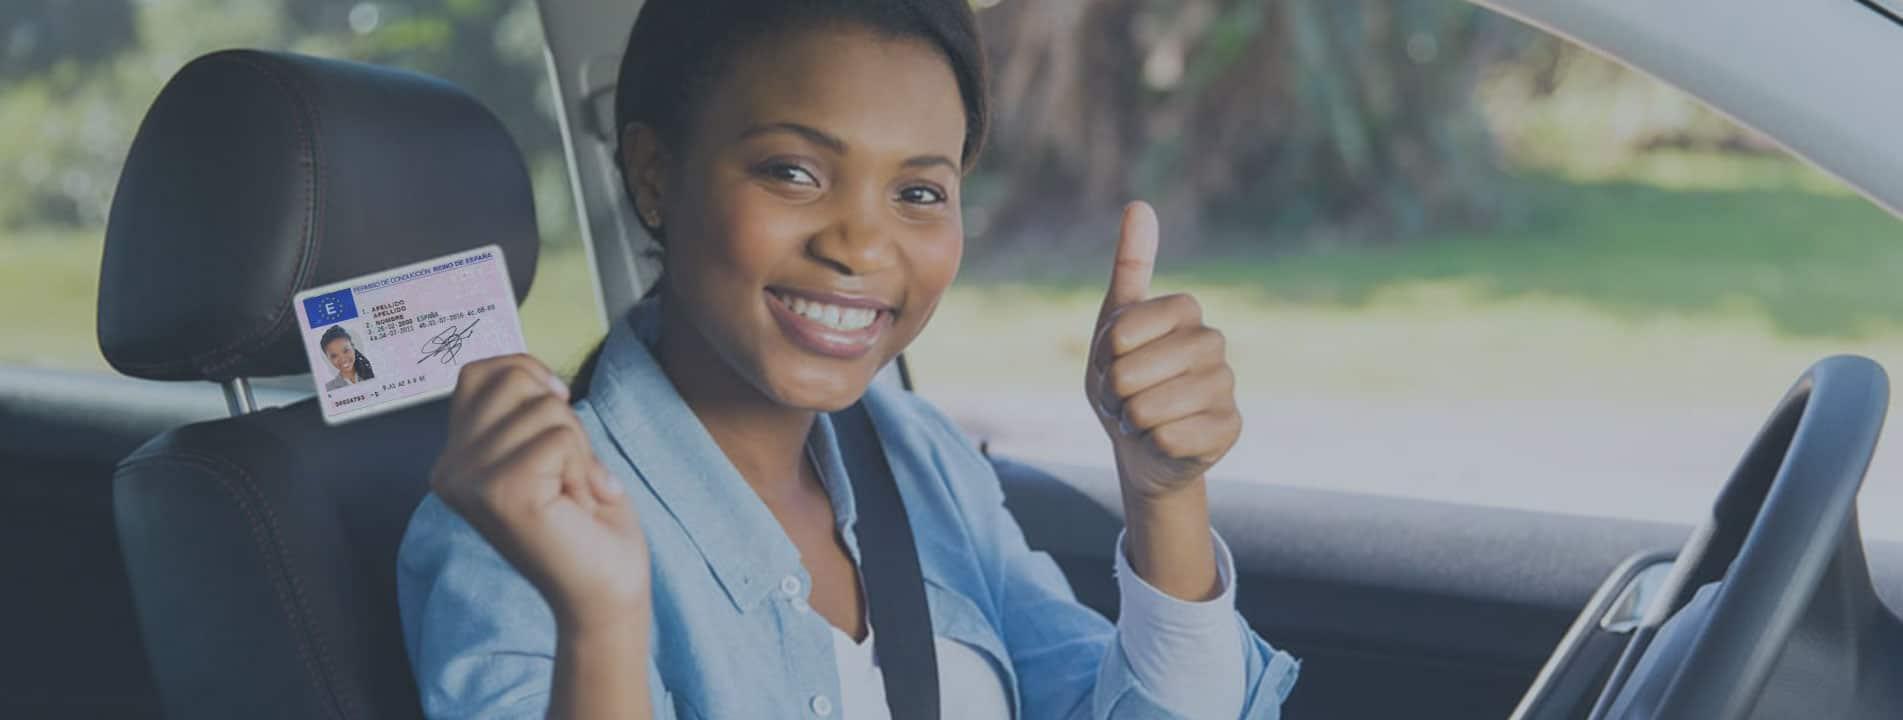 certificado-medico-canje-carnet-de-conducir